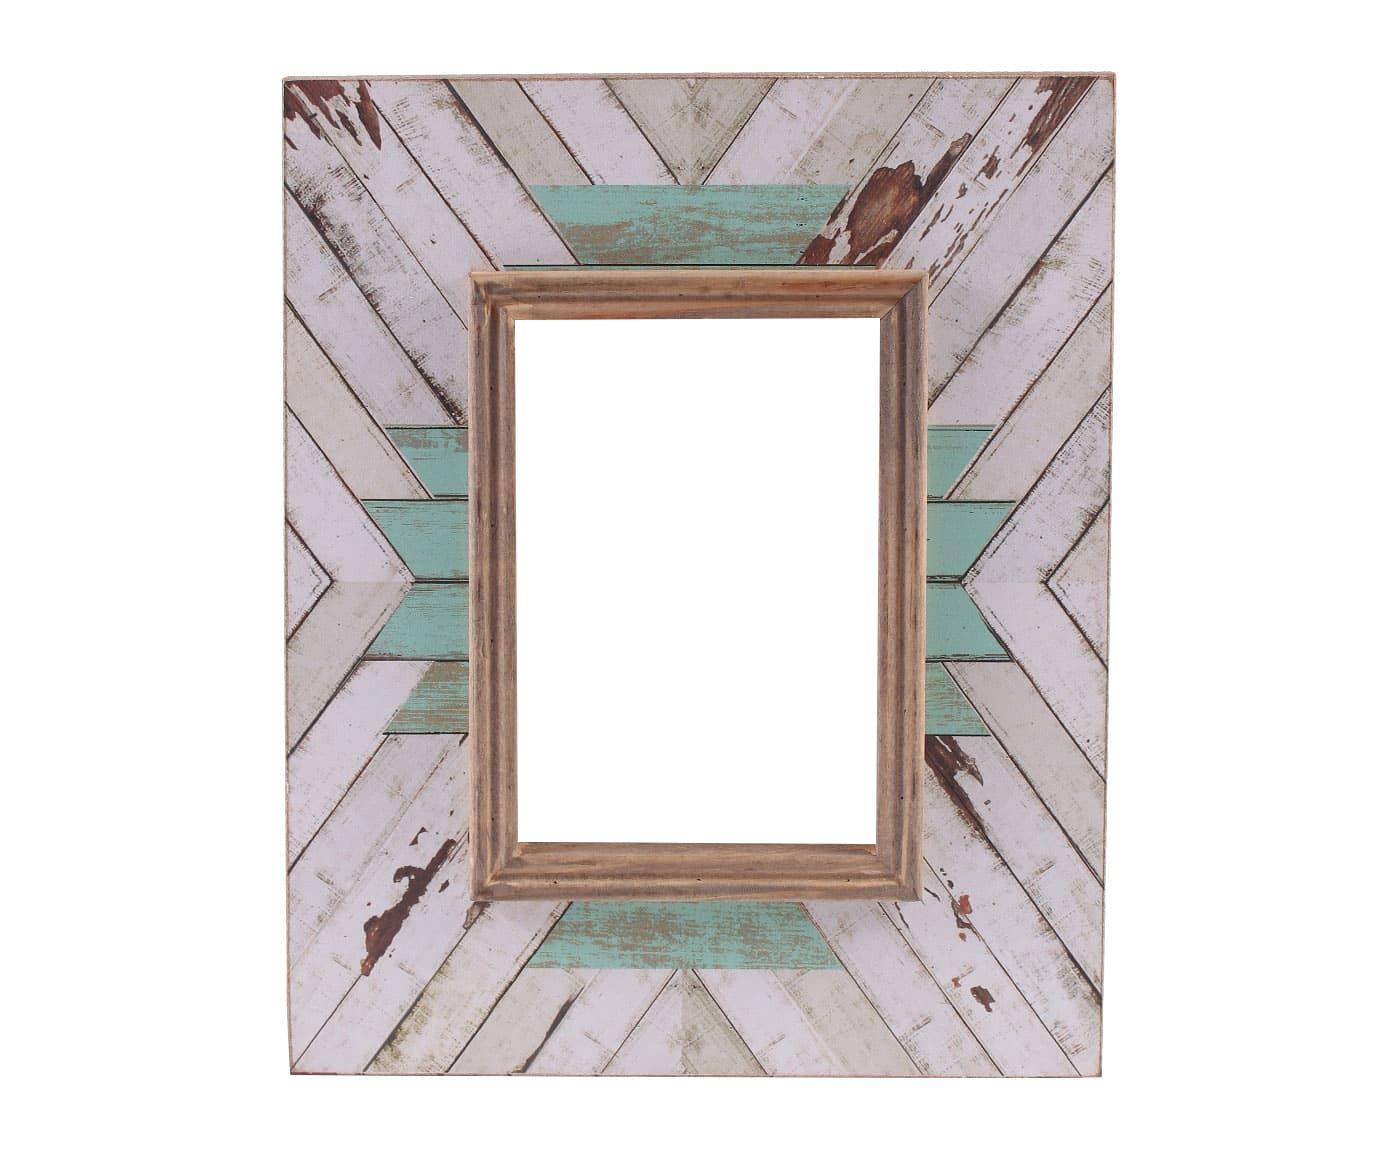 Marco de fotos Wooden, blanco y turquesa - foto 11,5x16,5 cm ...